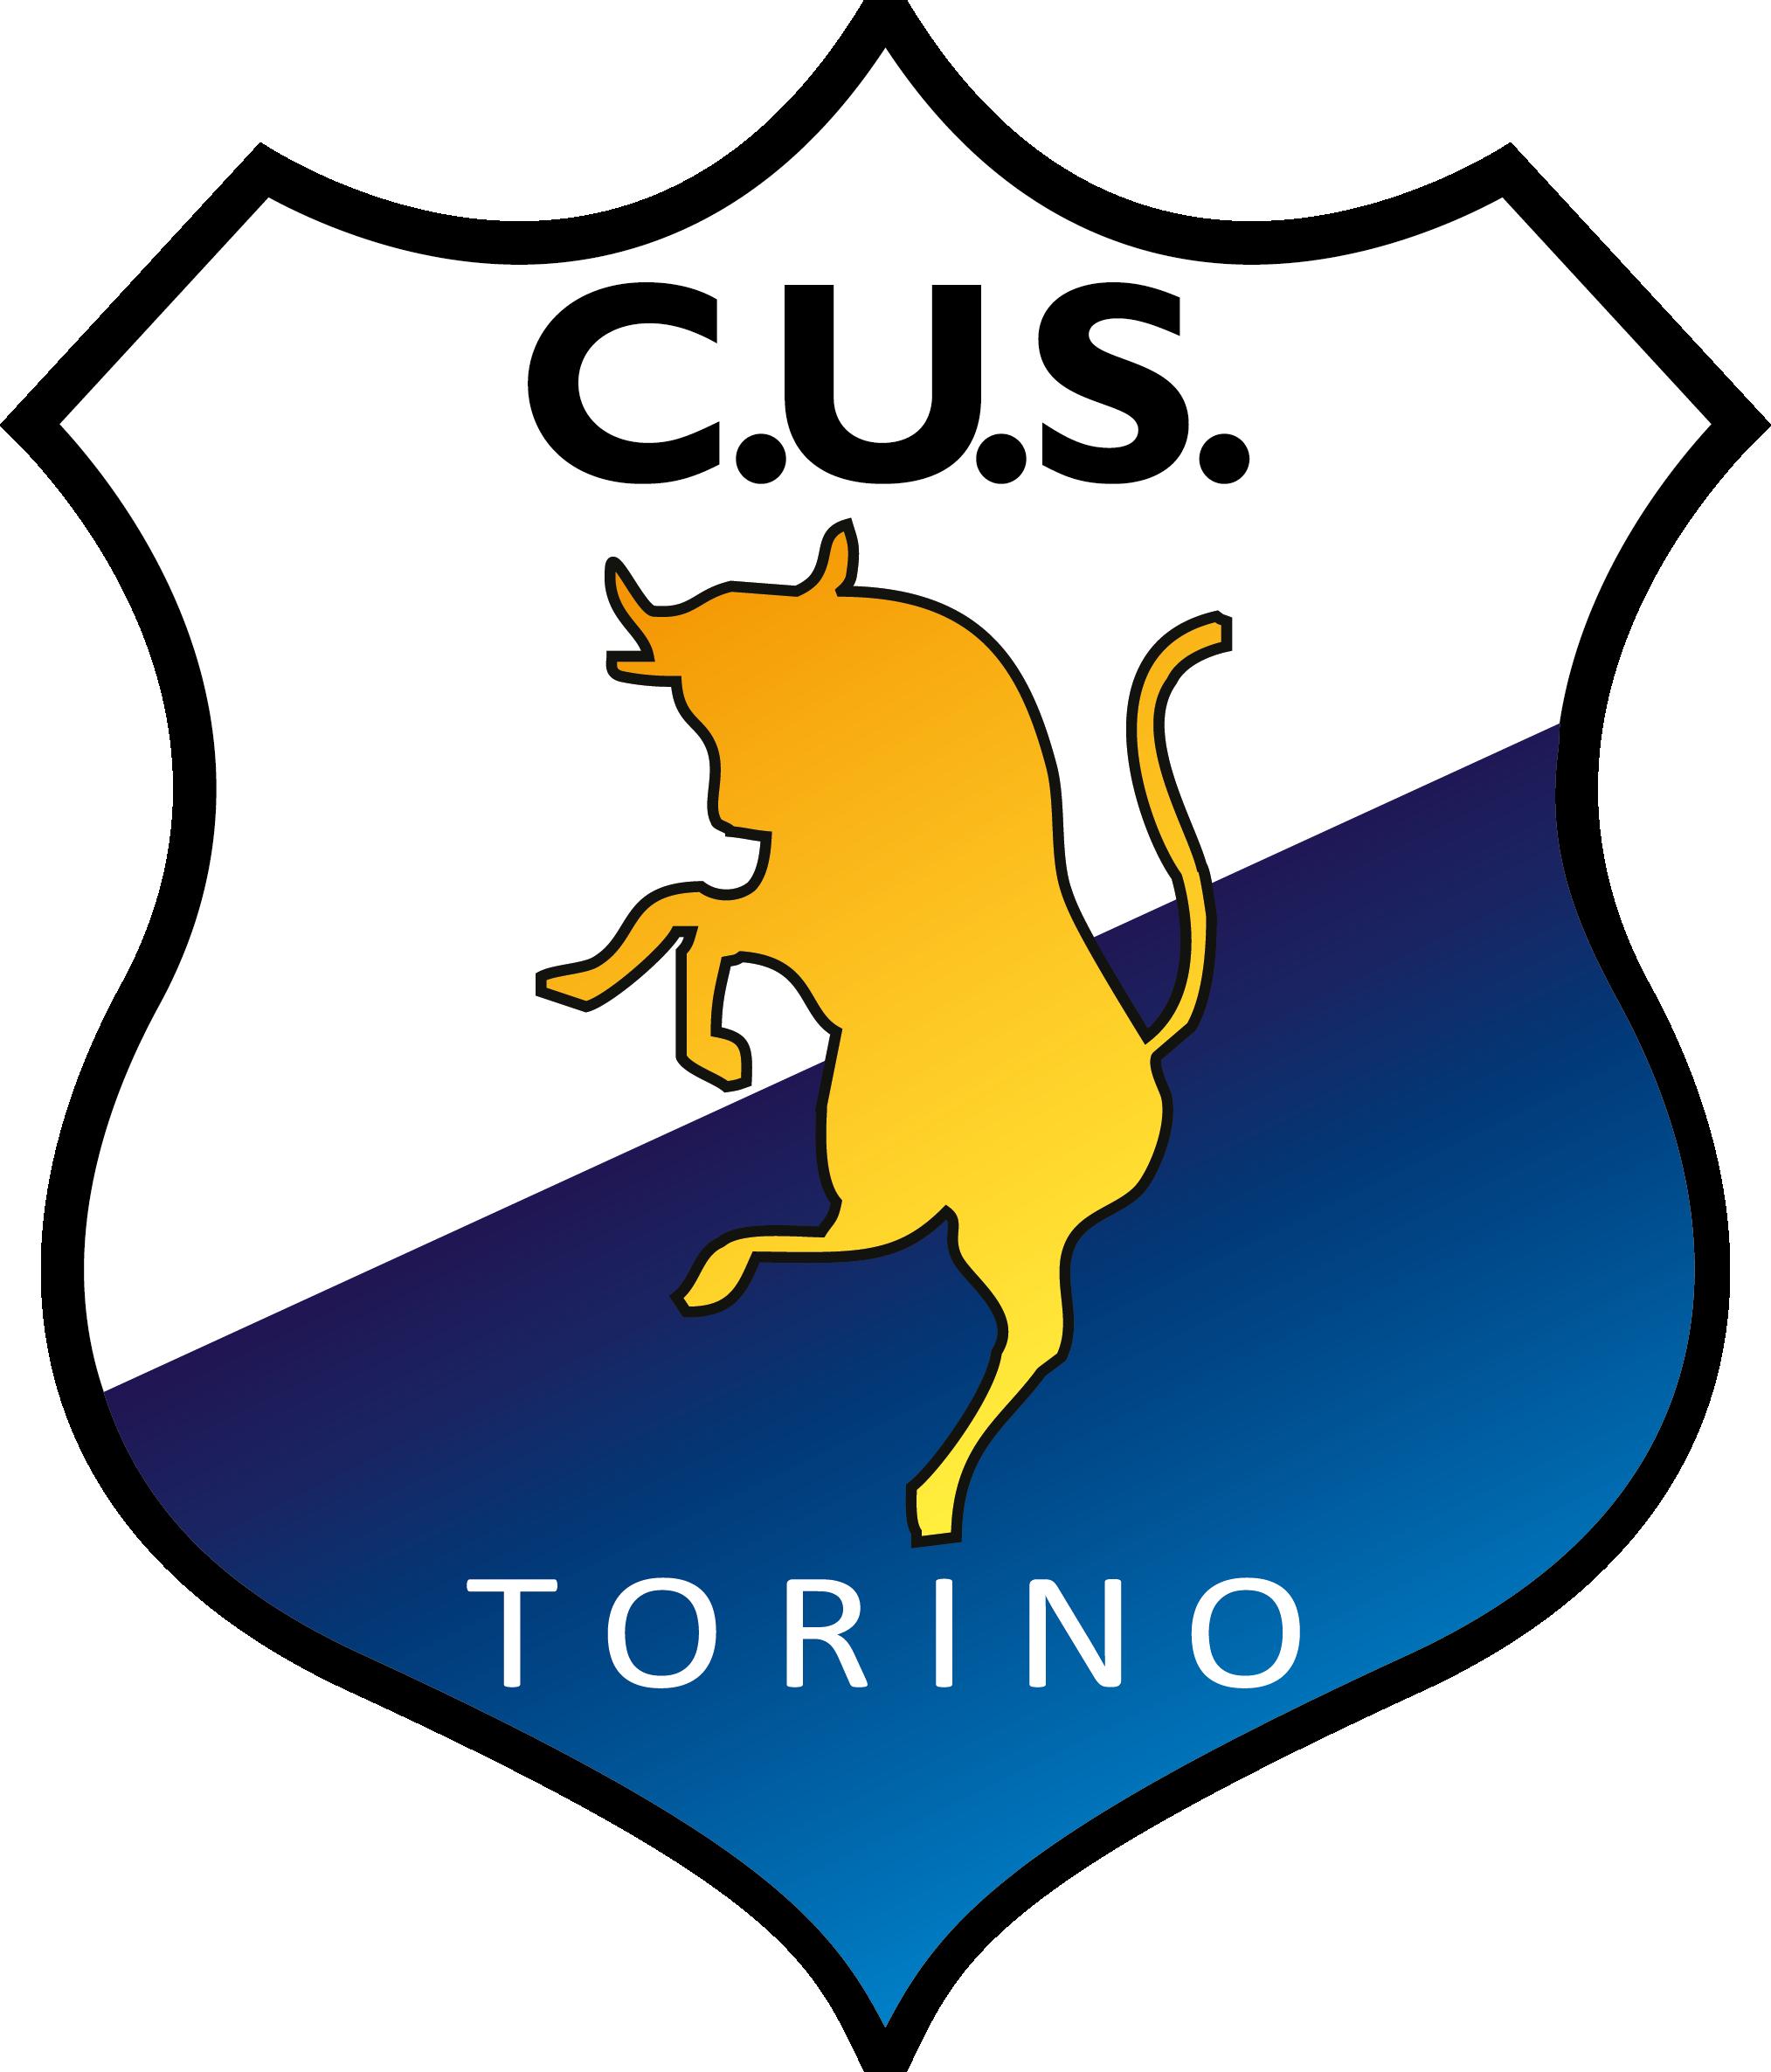 CUS_TORINO_sfumato